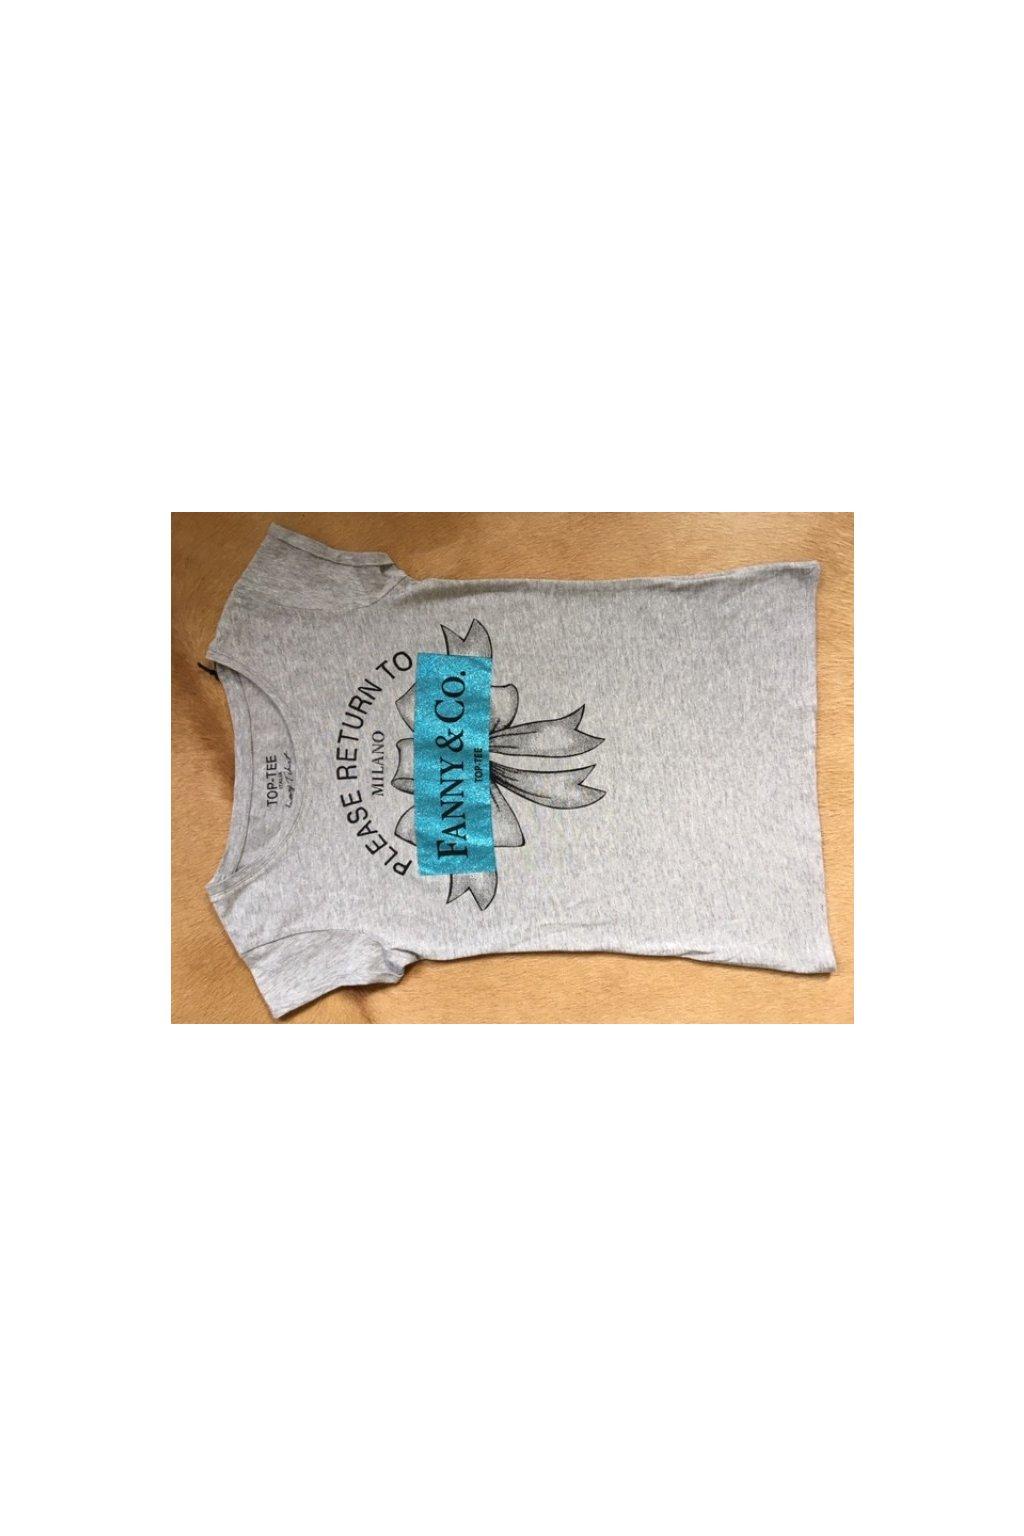 Tričko Top-Tee s nápisem Fanny &Co. - šedé (Velikost Velikost XS)